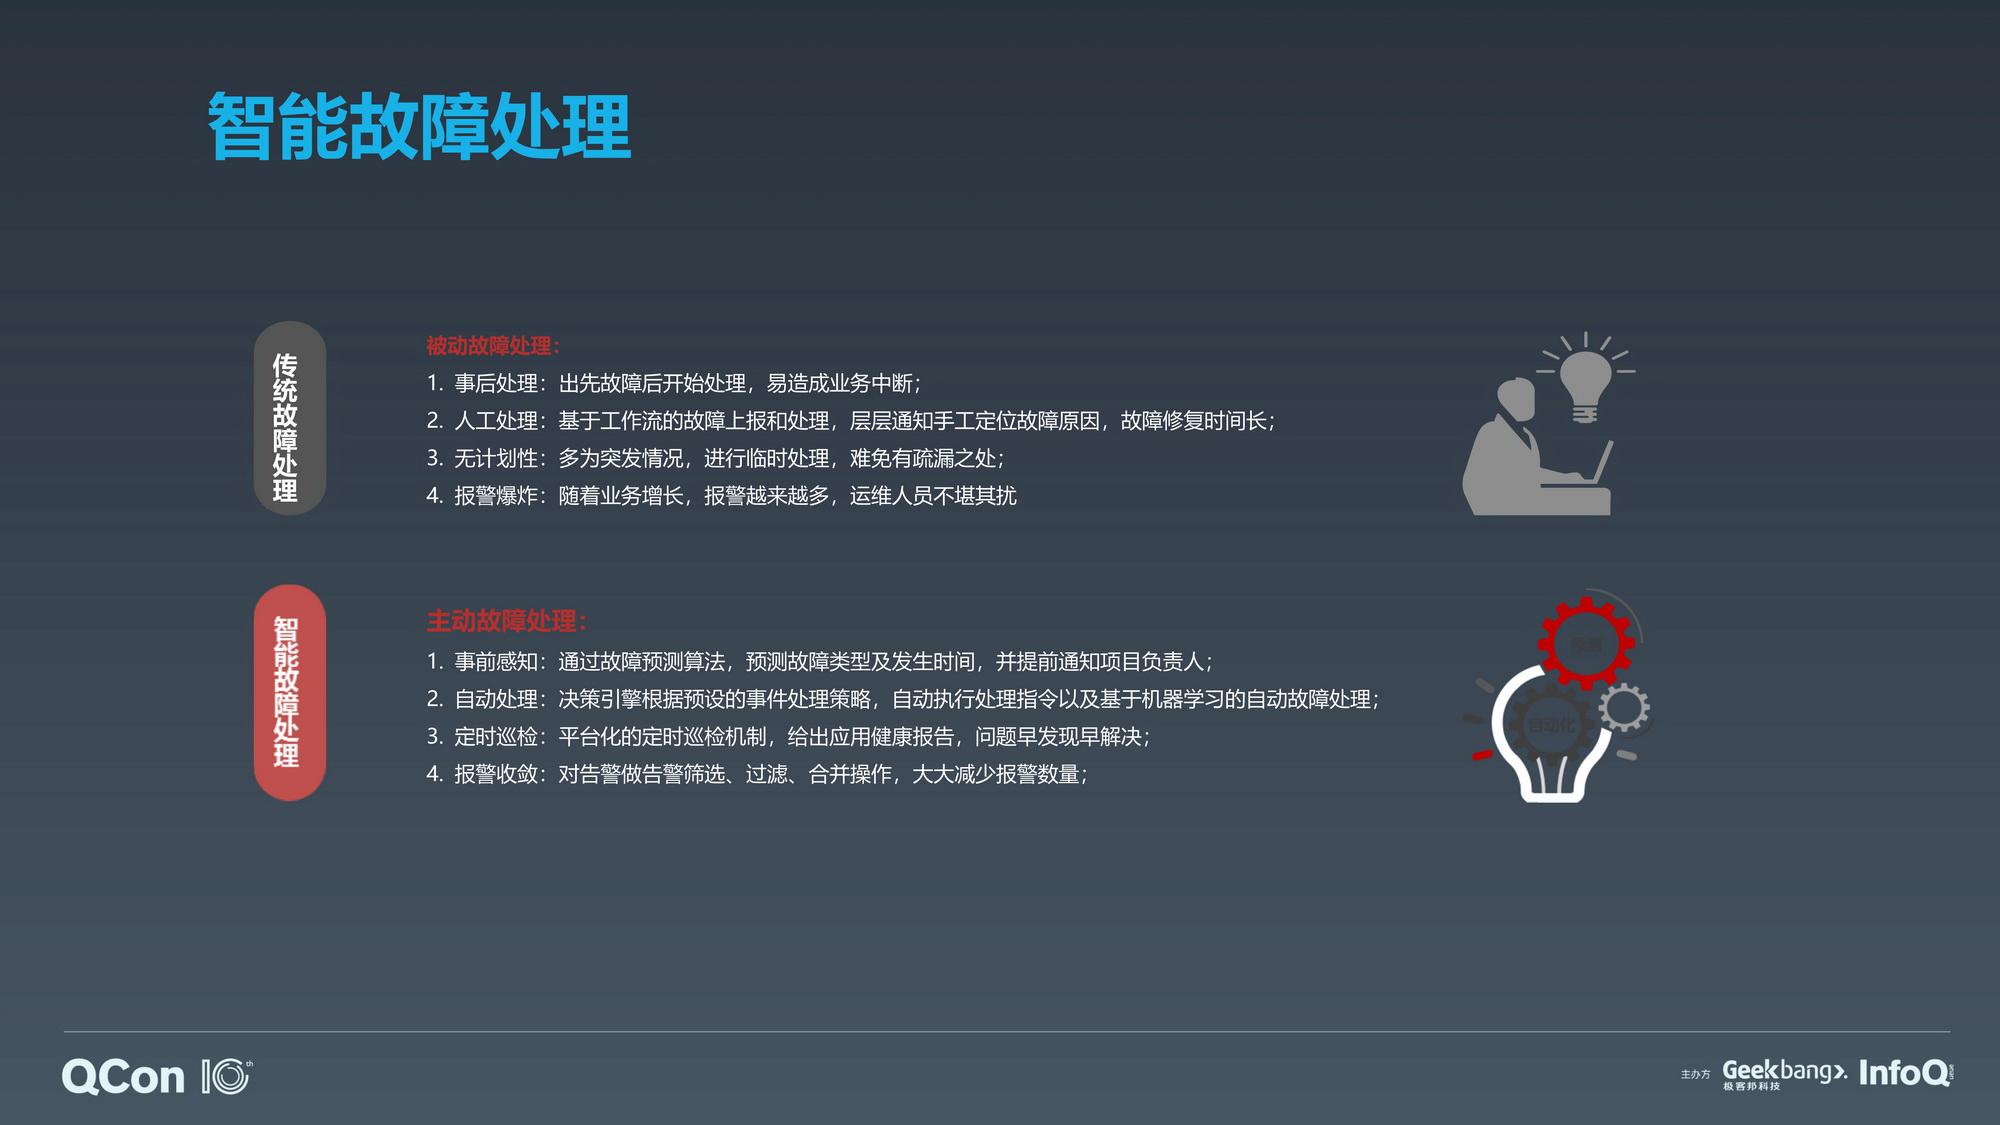 基于 APM 的智能运维体系在京东物流的落地和实践